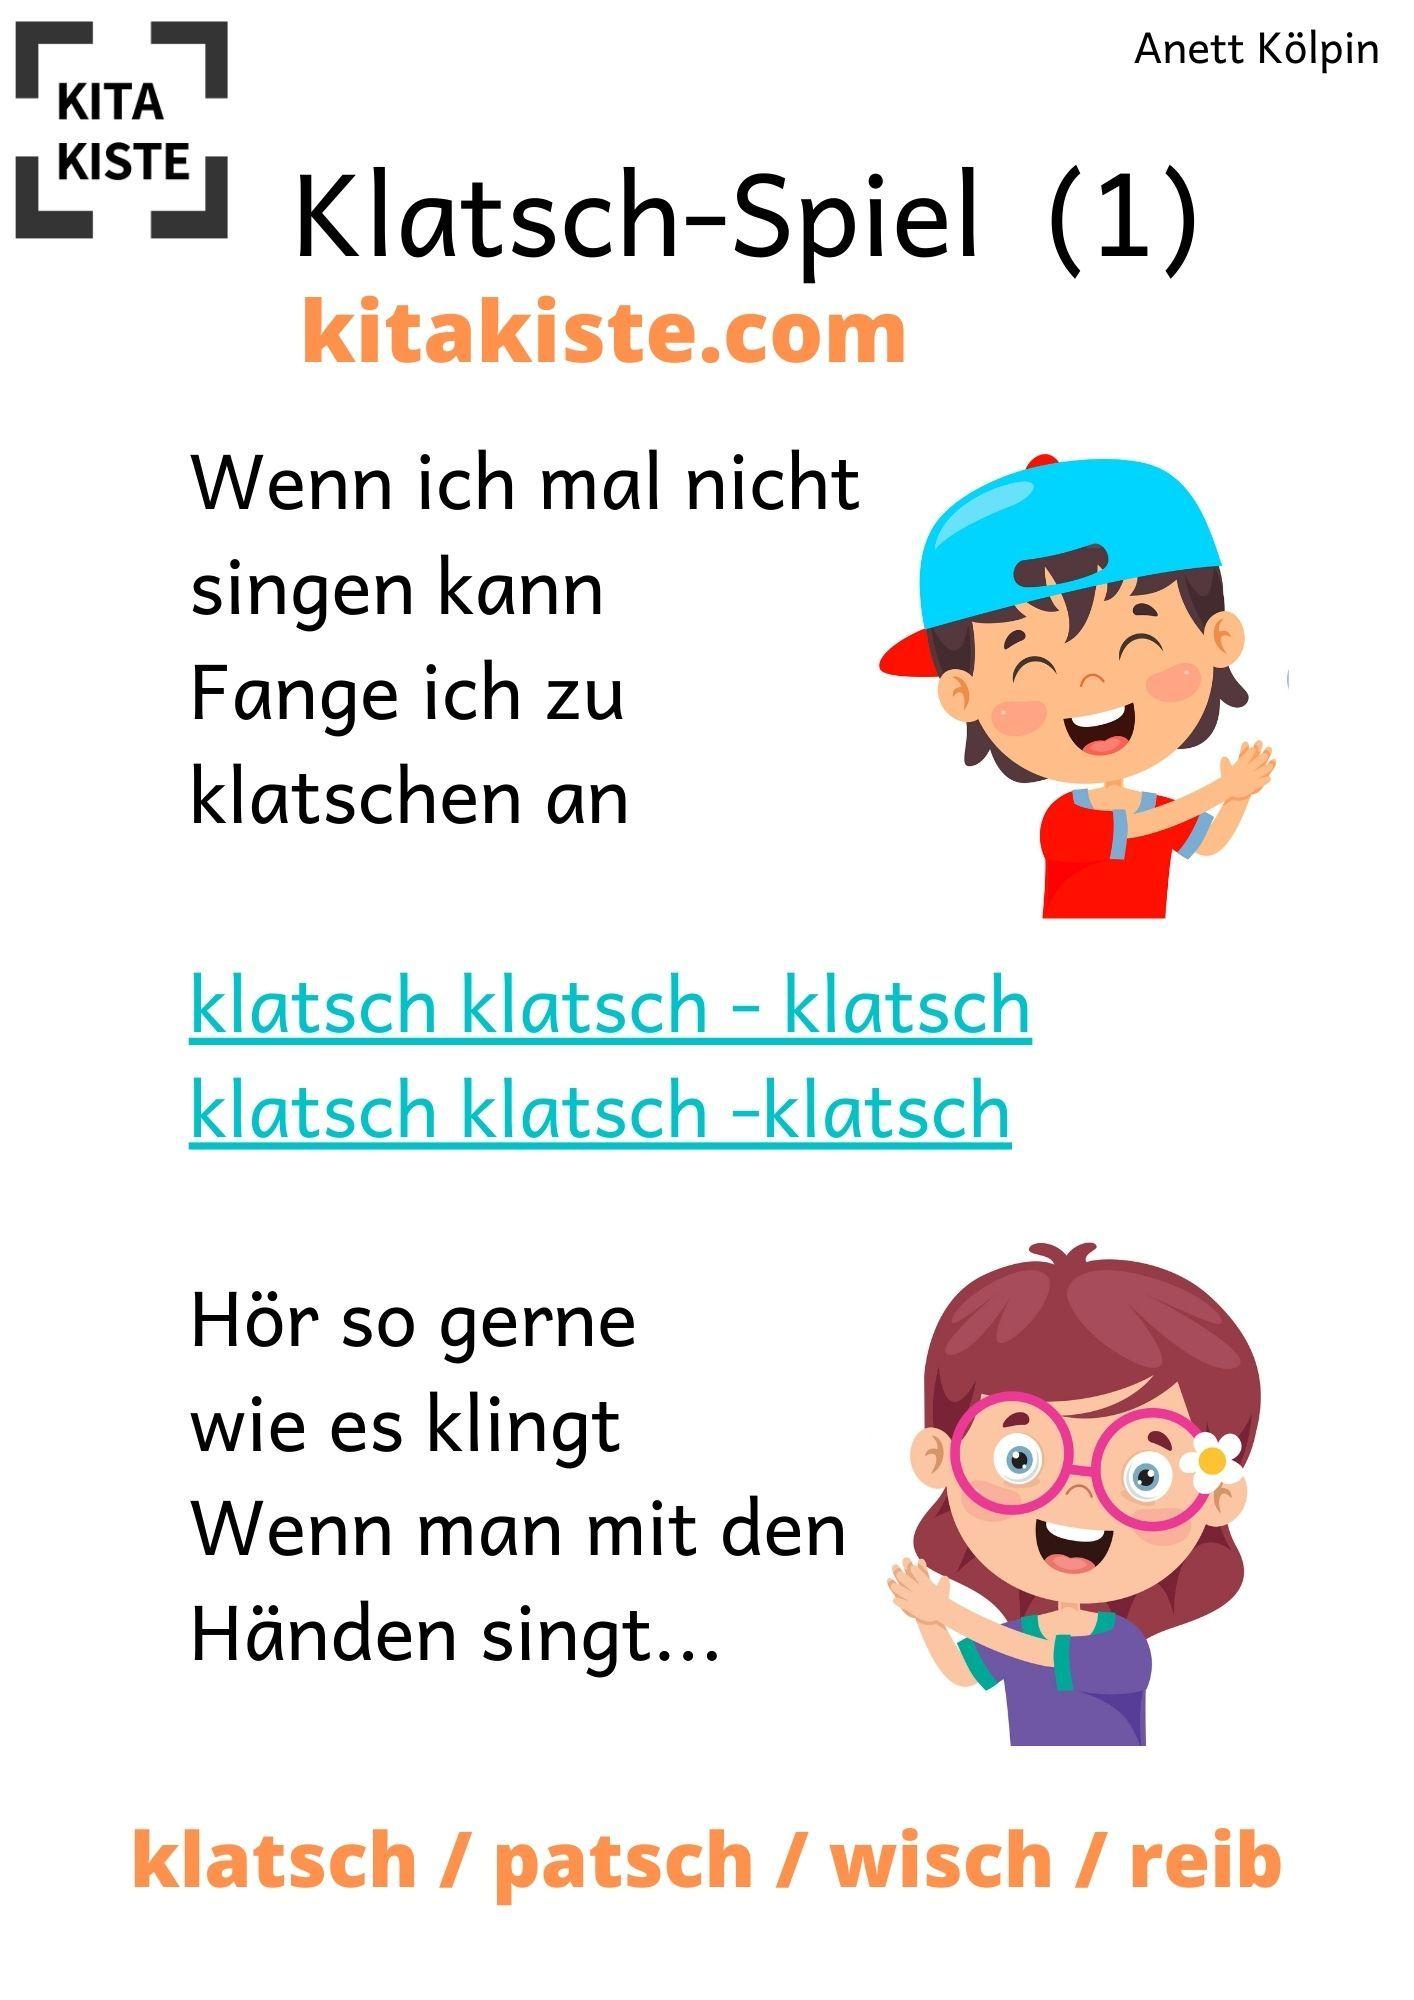 Klatsch Spiel Kita Kinderlieder Gedichte Fur Kinder Kinder Reime